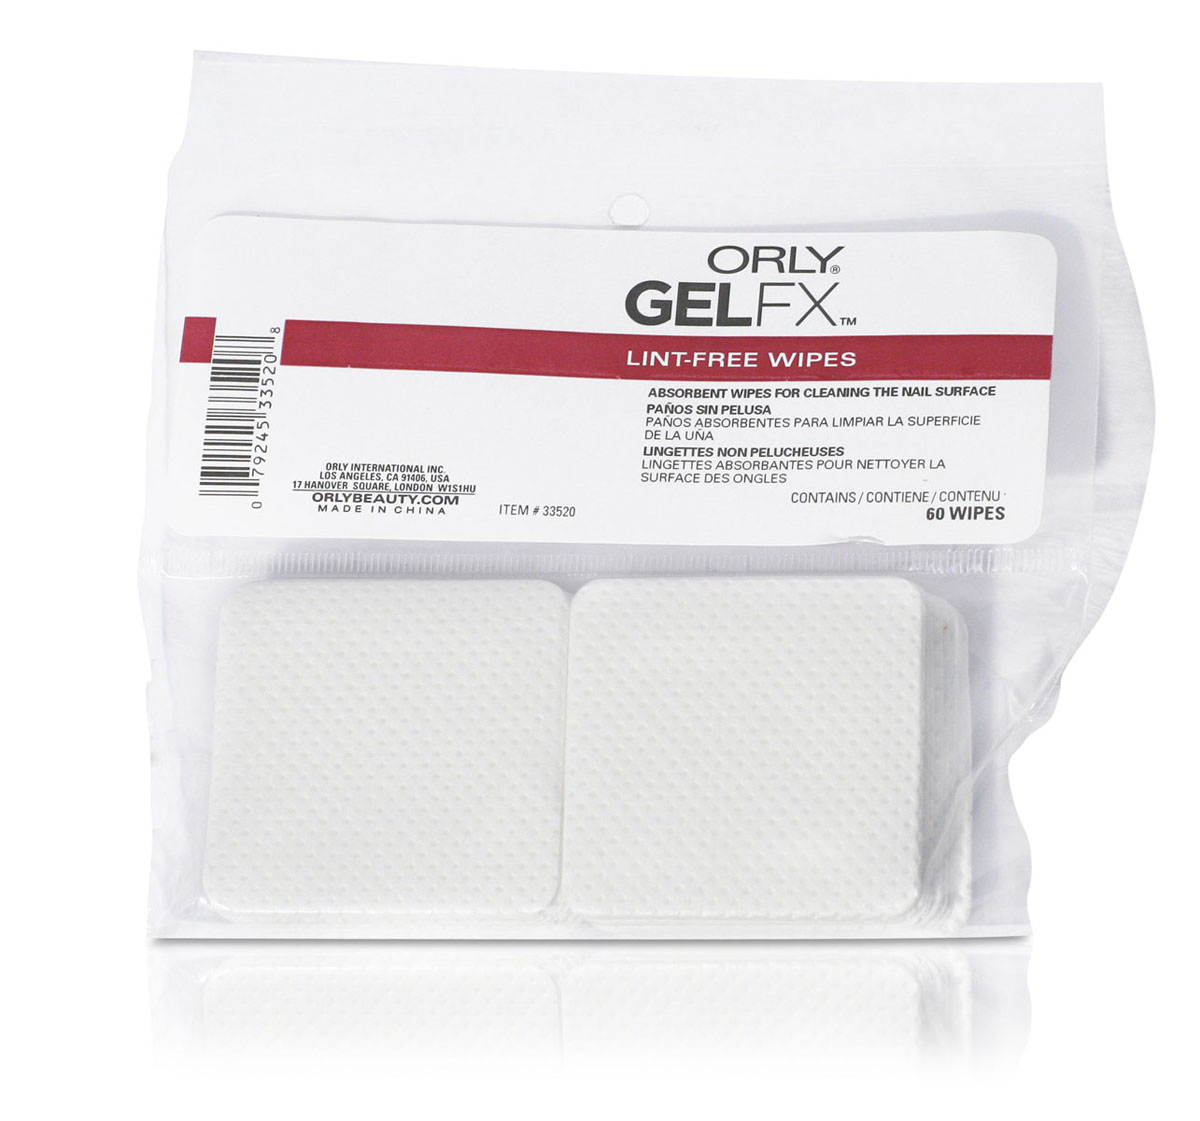 Orly Спонжи безворсовые для ногтей Gel FX, 60 шт616-103659Безворсовые салфетки используются для подготовки ногтей к процедуре гель-маникюр и удаления липкого слоя, не оставляют разводов и волосков.Товар сертифицирован.